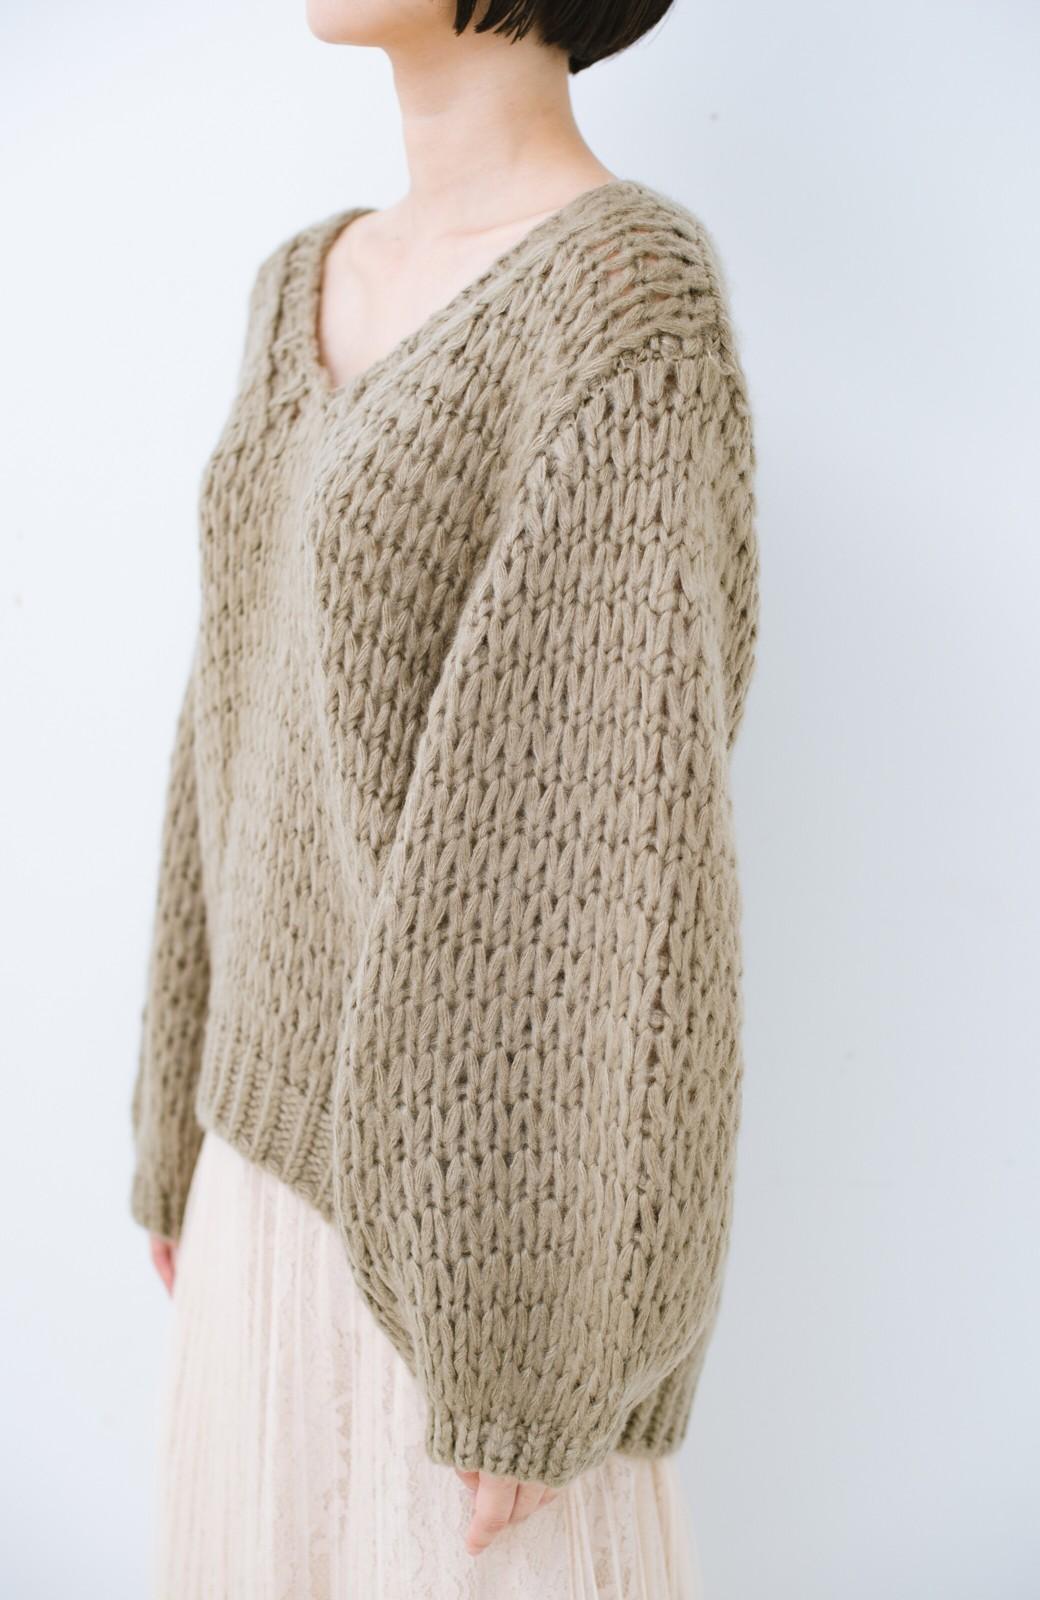 haco! 手編み風のざっくり感で女っぽい Vネックの甘編みルーズニット <グレイッシュベージュ>の商品写真4